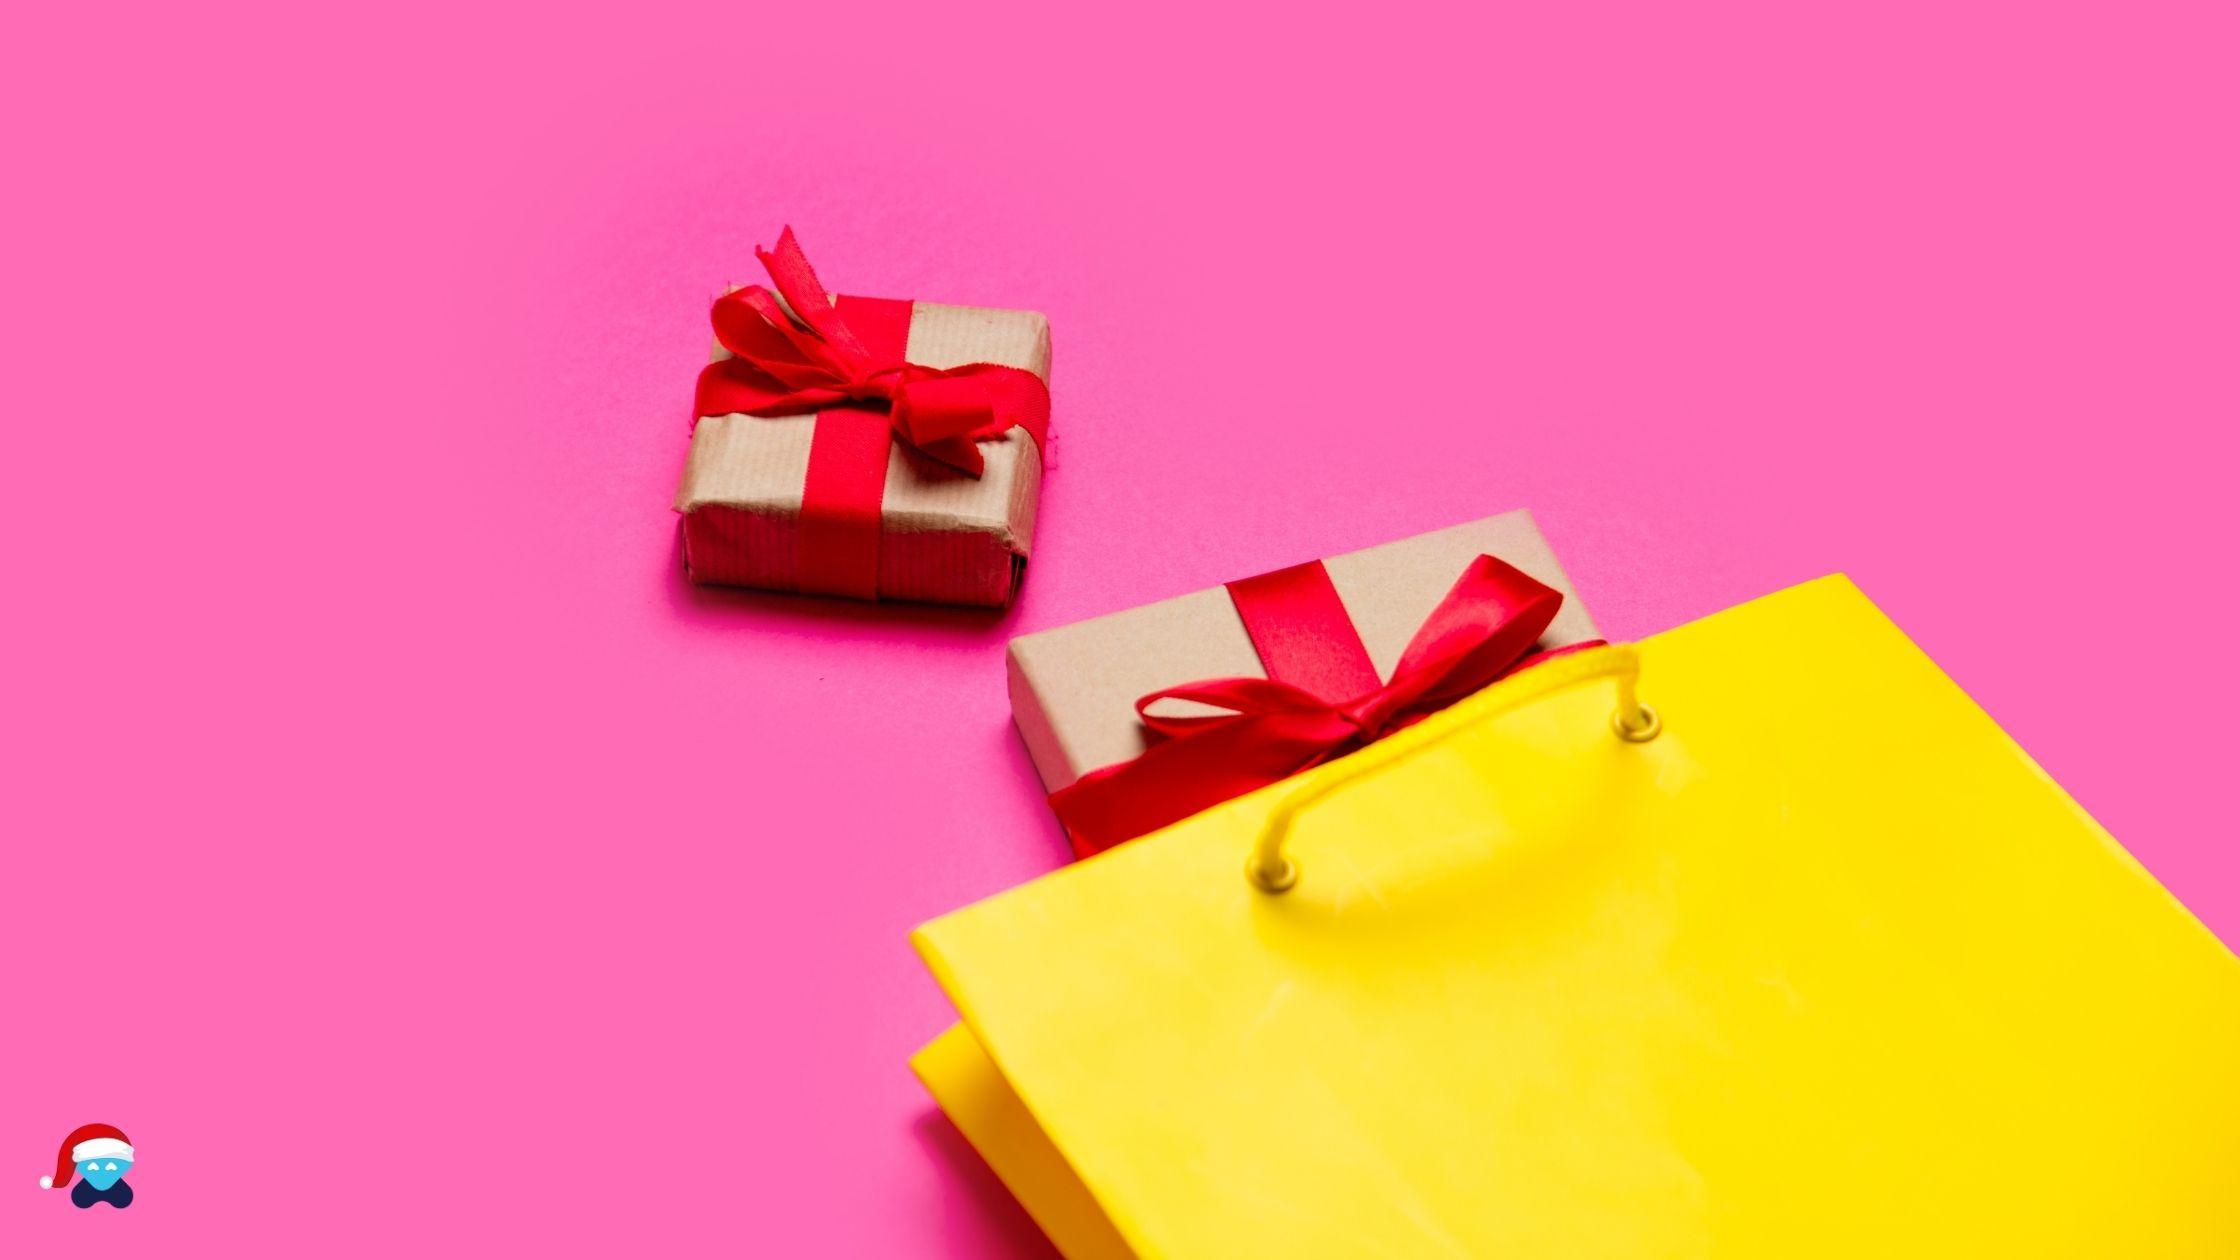 tech gift idea